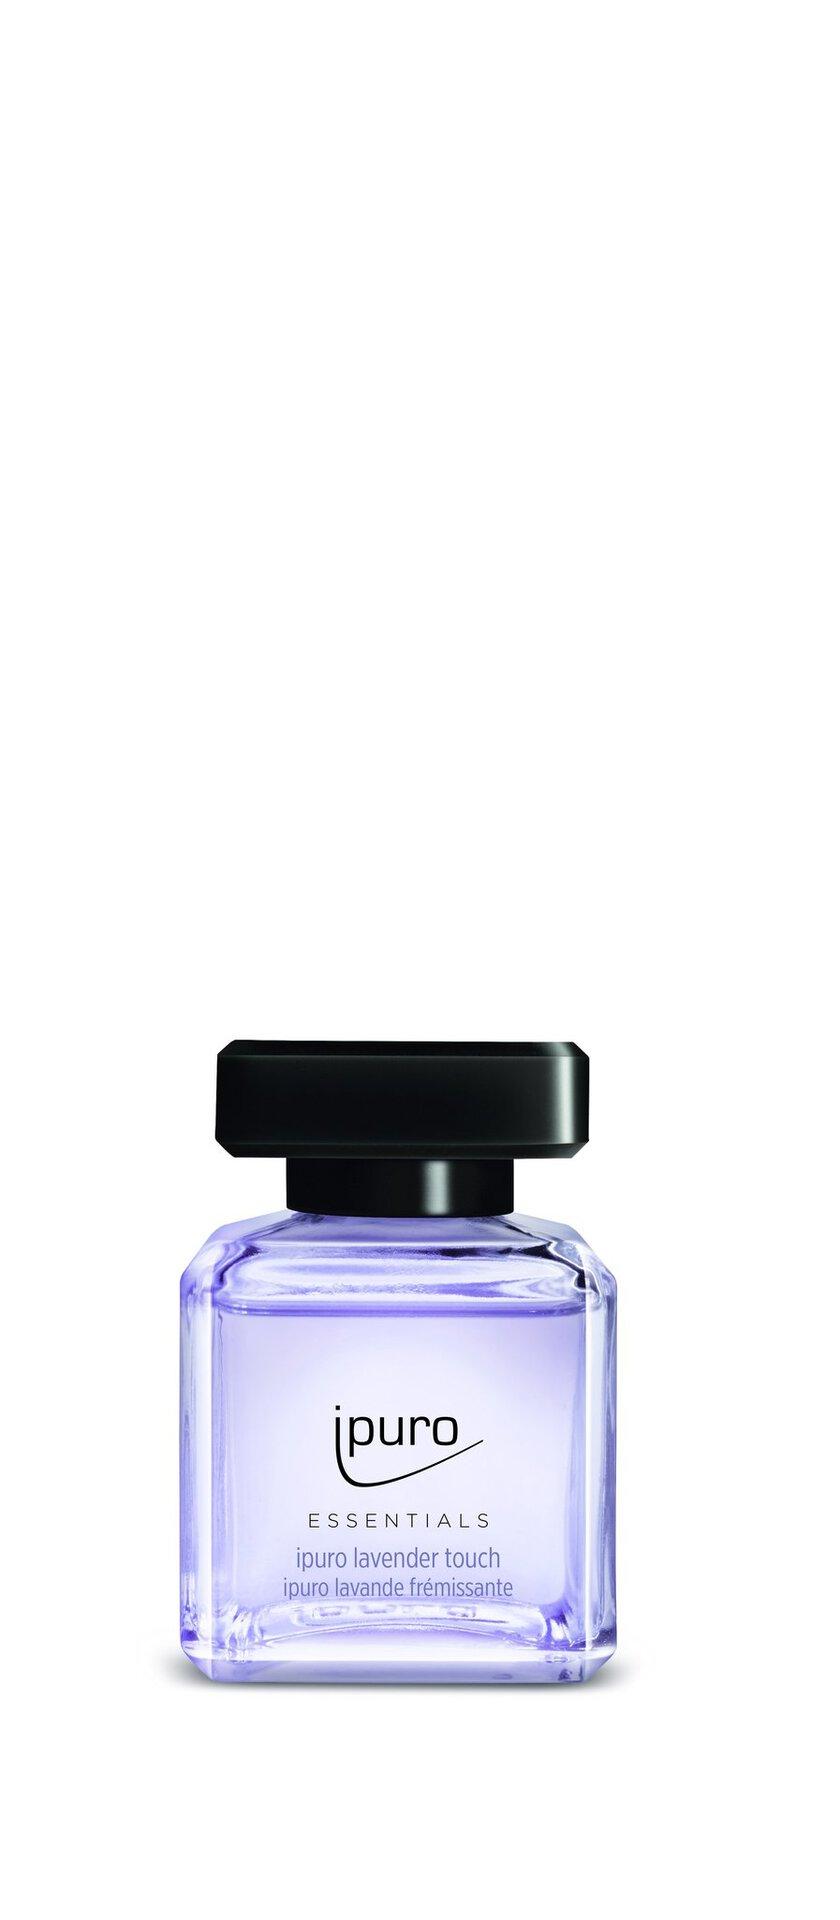 Raumduft lavender touch ipuro Kunststoff transparent